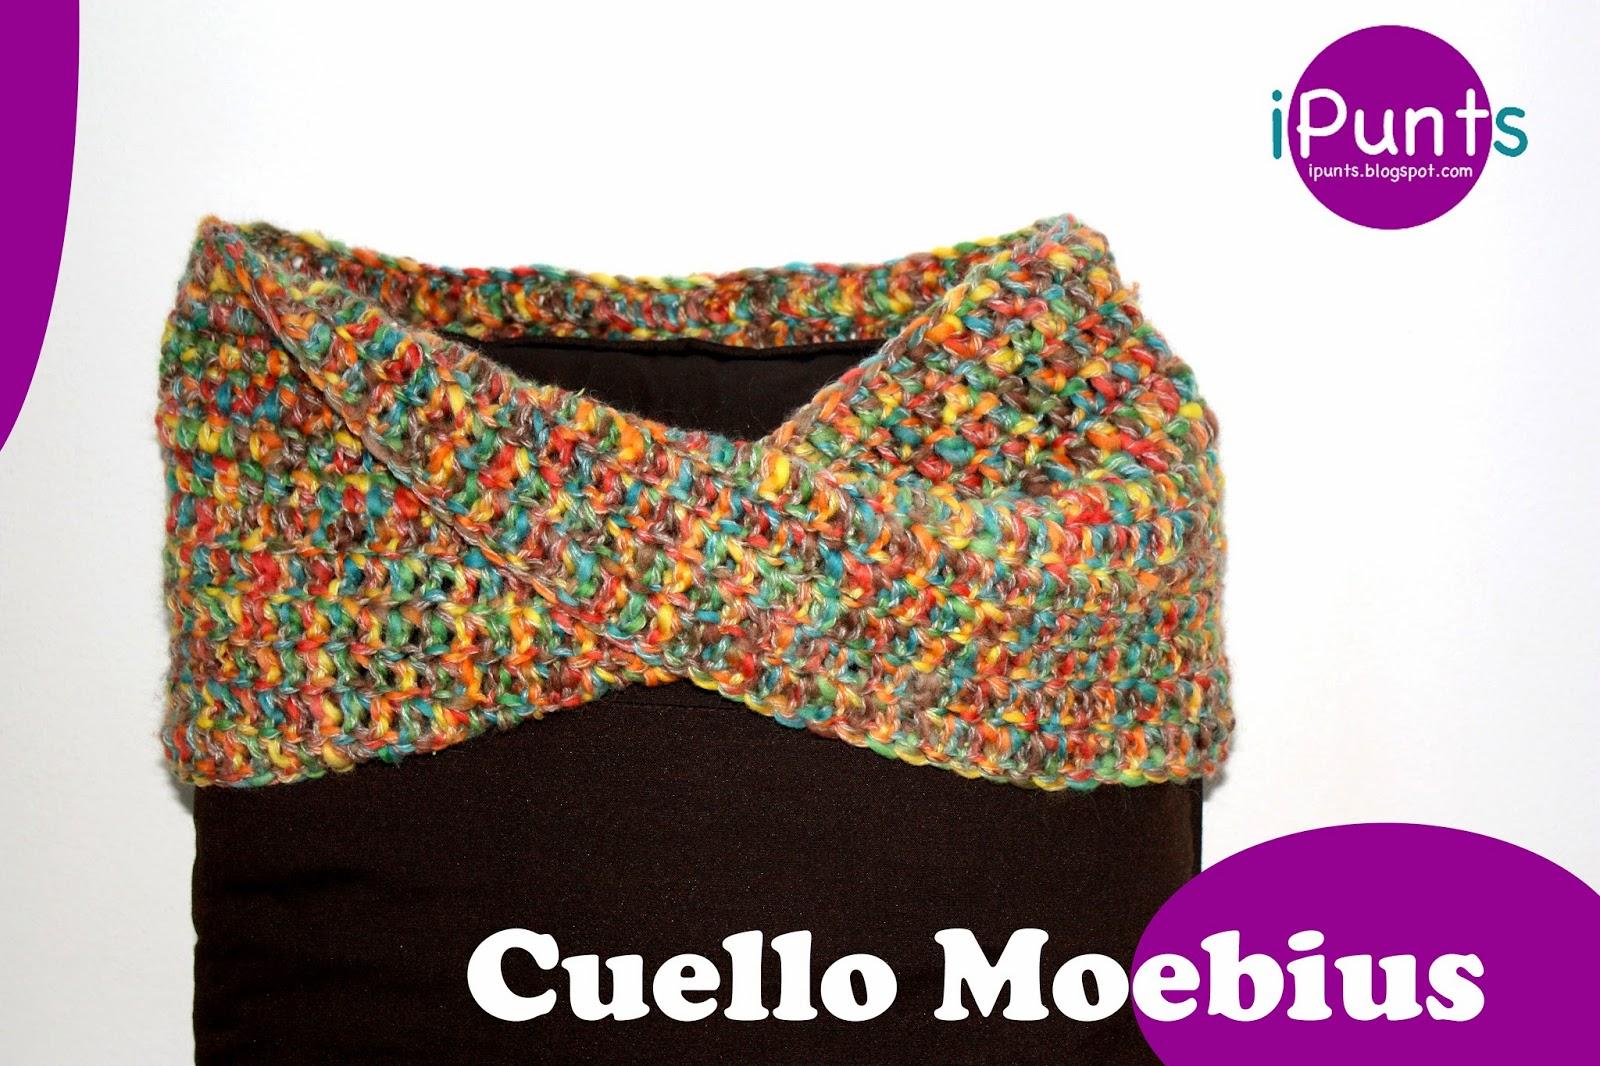 moebius cuello crochet ganchillo patrón